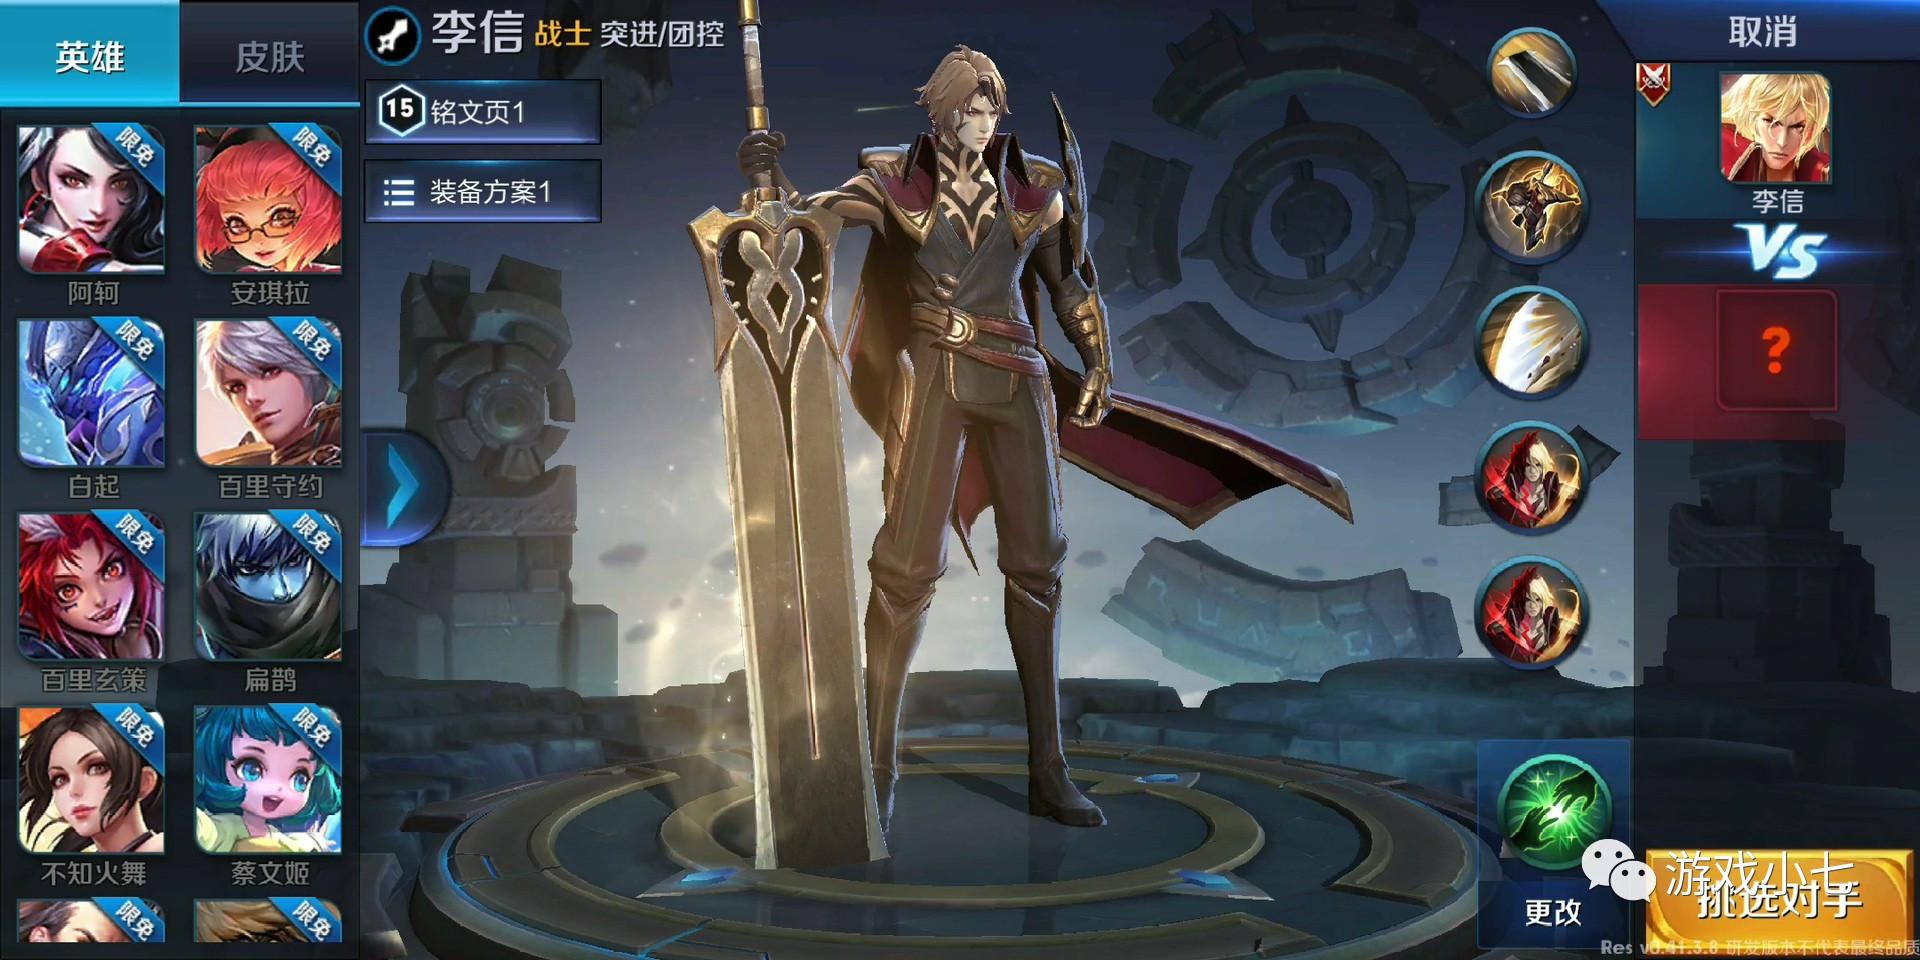 王者荣耀:李信光明形态比黑暗形态厉害,你们喜欢李信哪个形态?